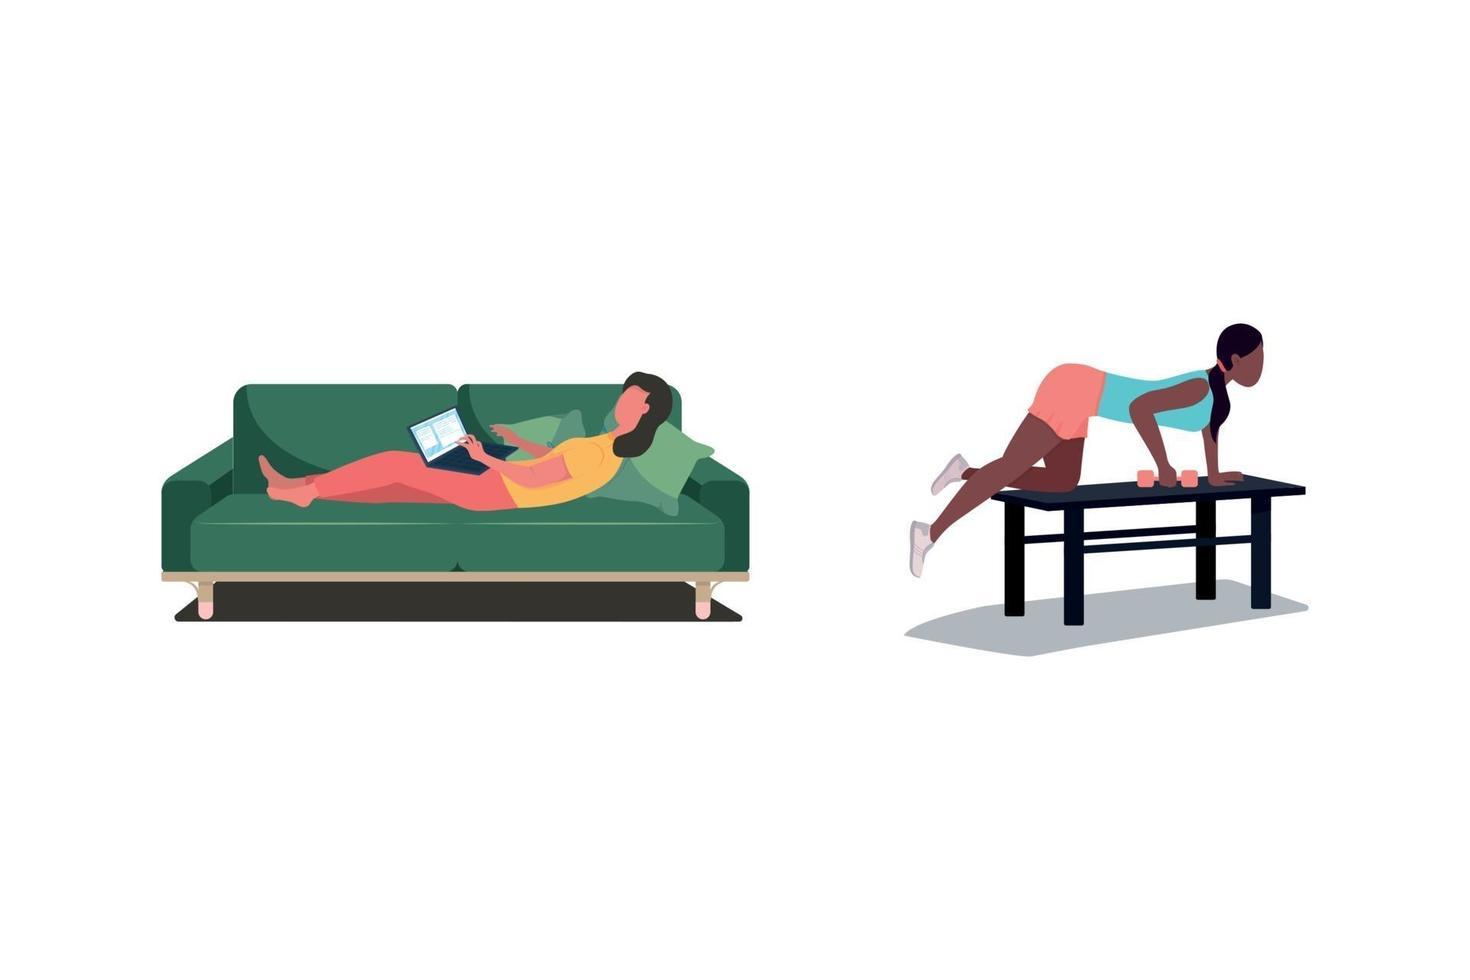 vrouwelijke werknemers egale kleur vector anonieme tekenset